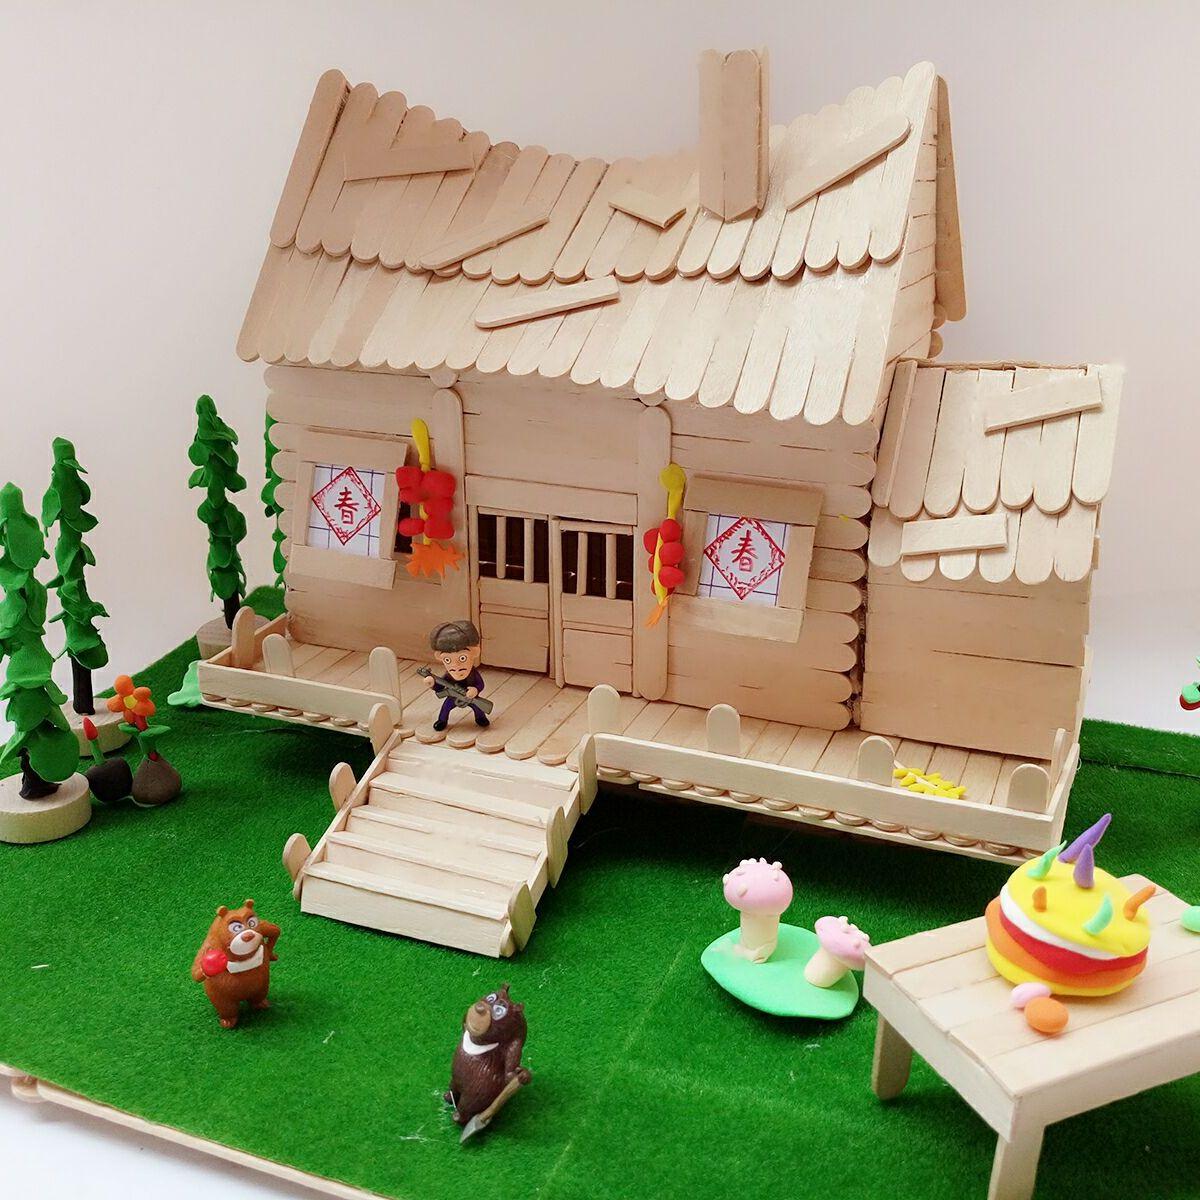 冰棒棍手工制作diy房子材料儿童建筑模型雪糕棒光头强木屋套装